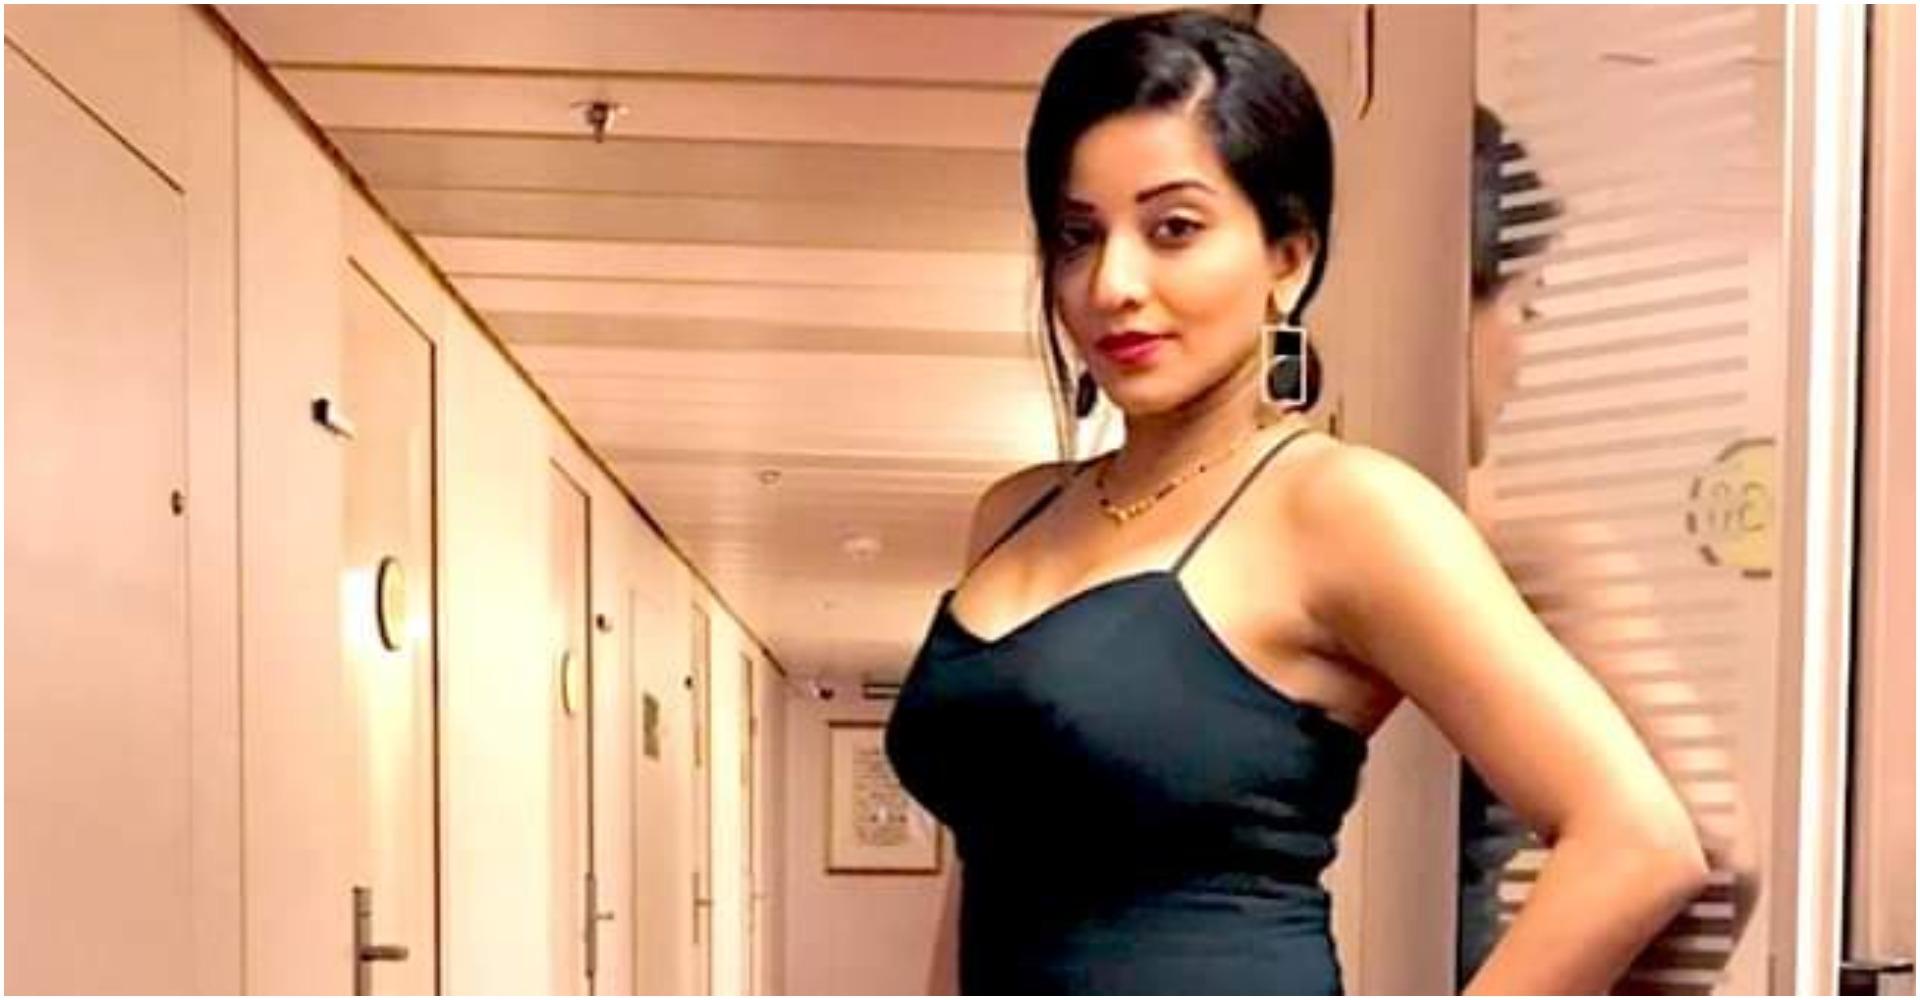 Monalisa Photos: ब्लैक टॉप और शॉर्ट्स में कहर ढा रही है मोनालिसा, फोटो देखते ही बन जाओगे दिवाने!